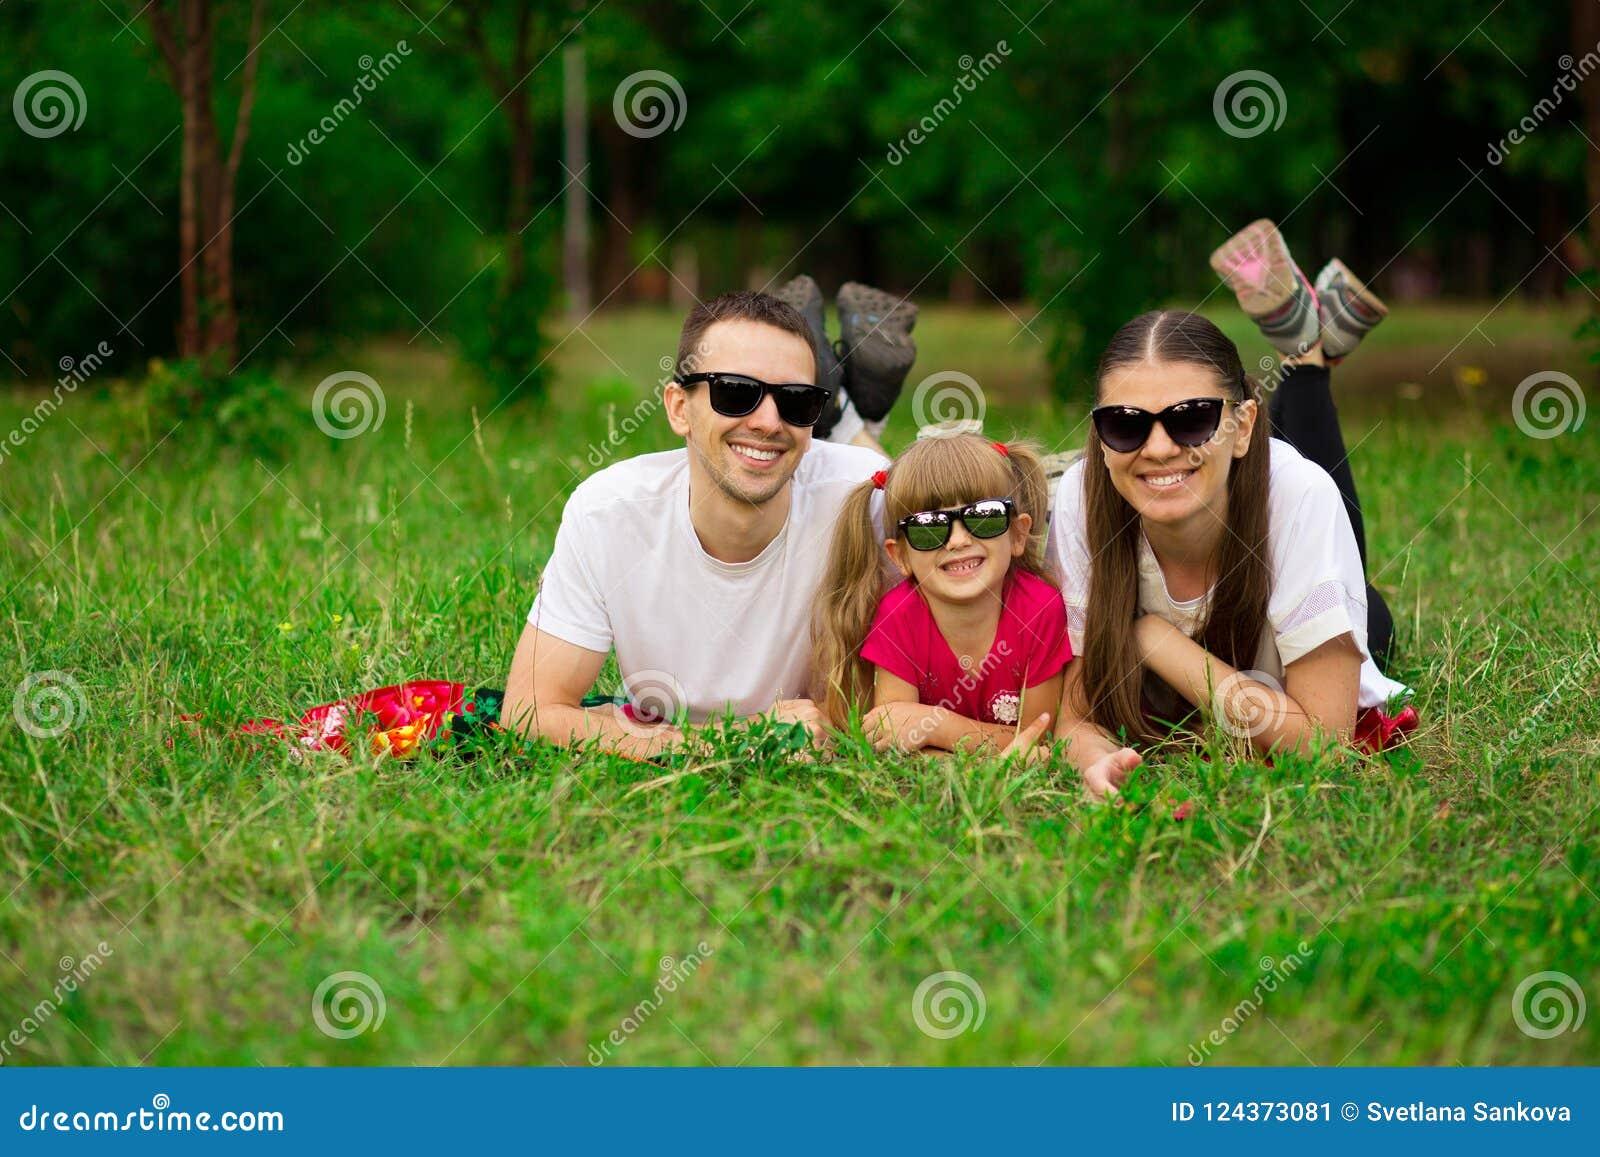 Ευτυχής νέος χρόνος οικογενειακών εξόδων υπαίθριος τη θερινή ημέρα Ευτυχία και αρμονία στη οικογενειακή ζωή